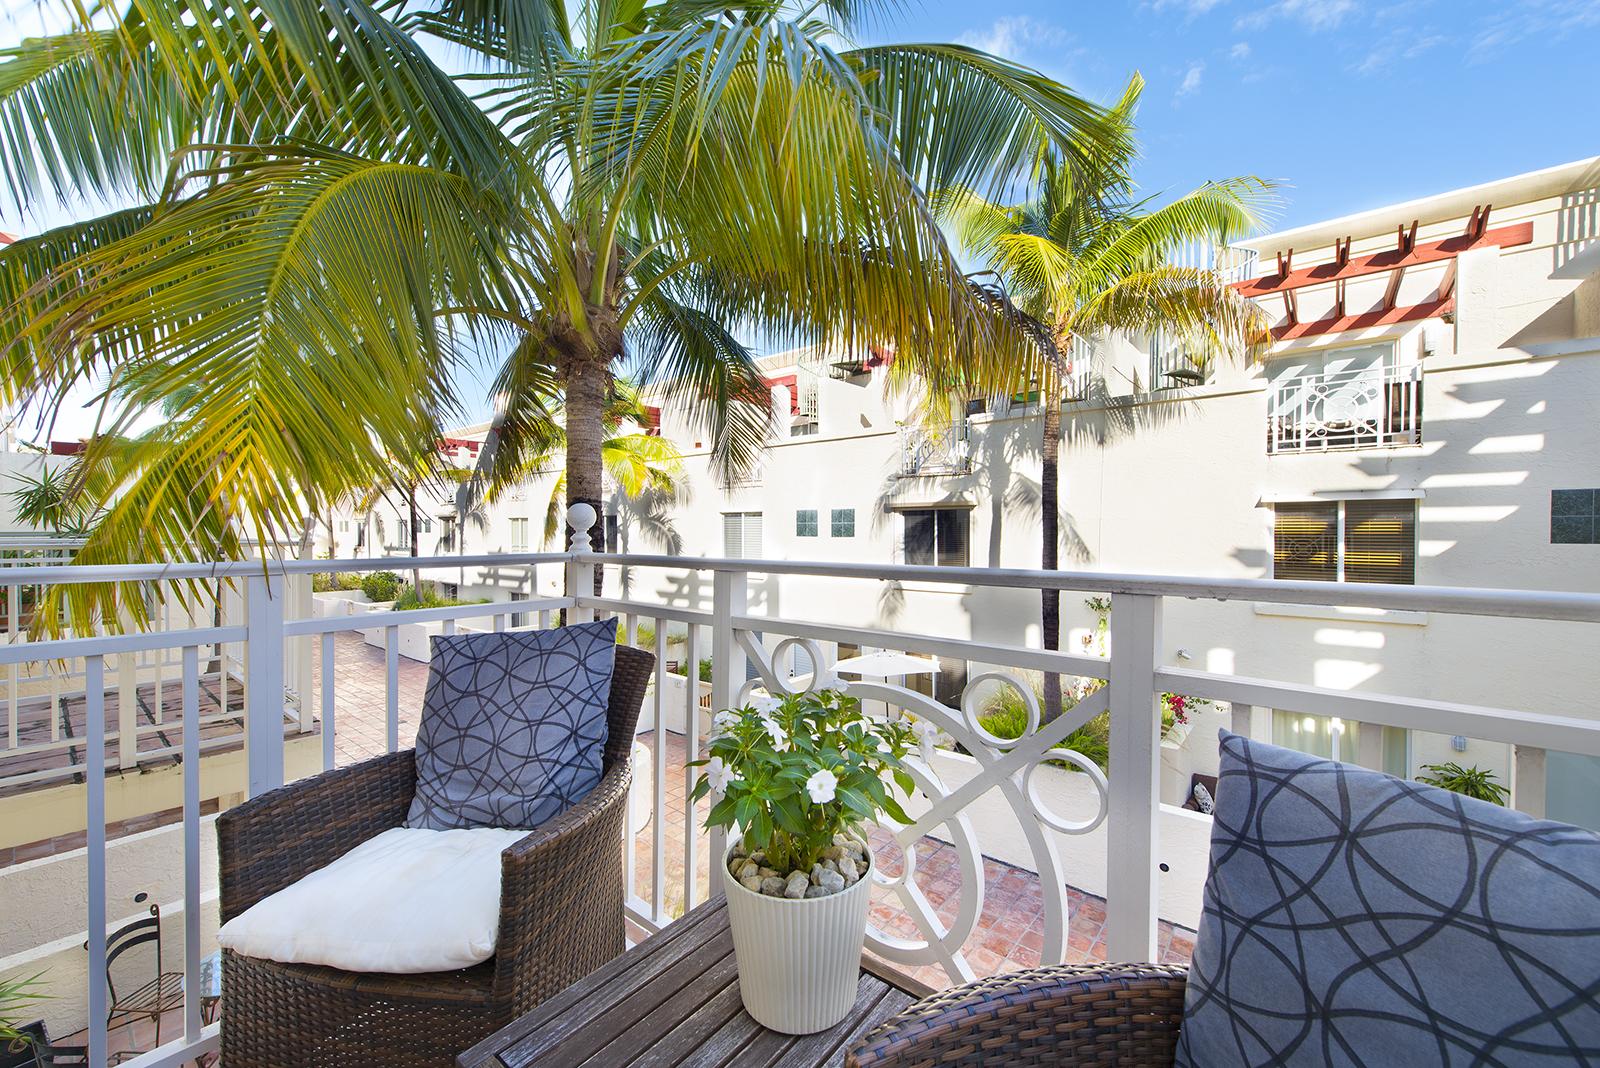 Villas at South Beach #222-09.jpg